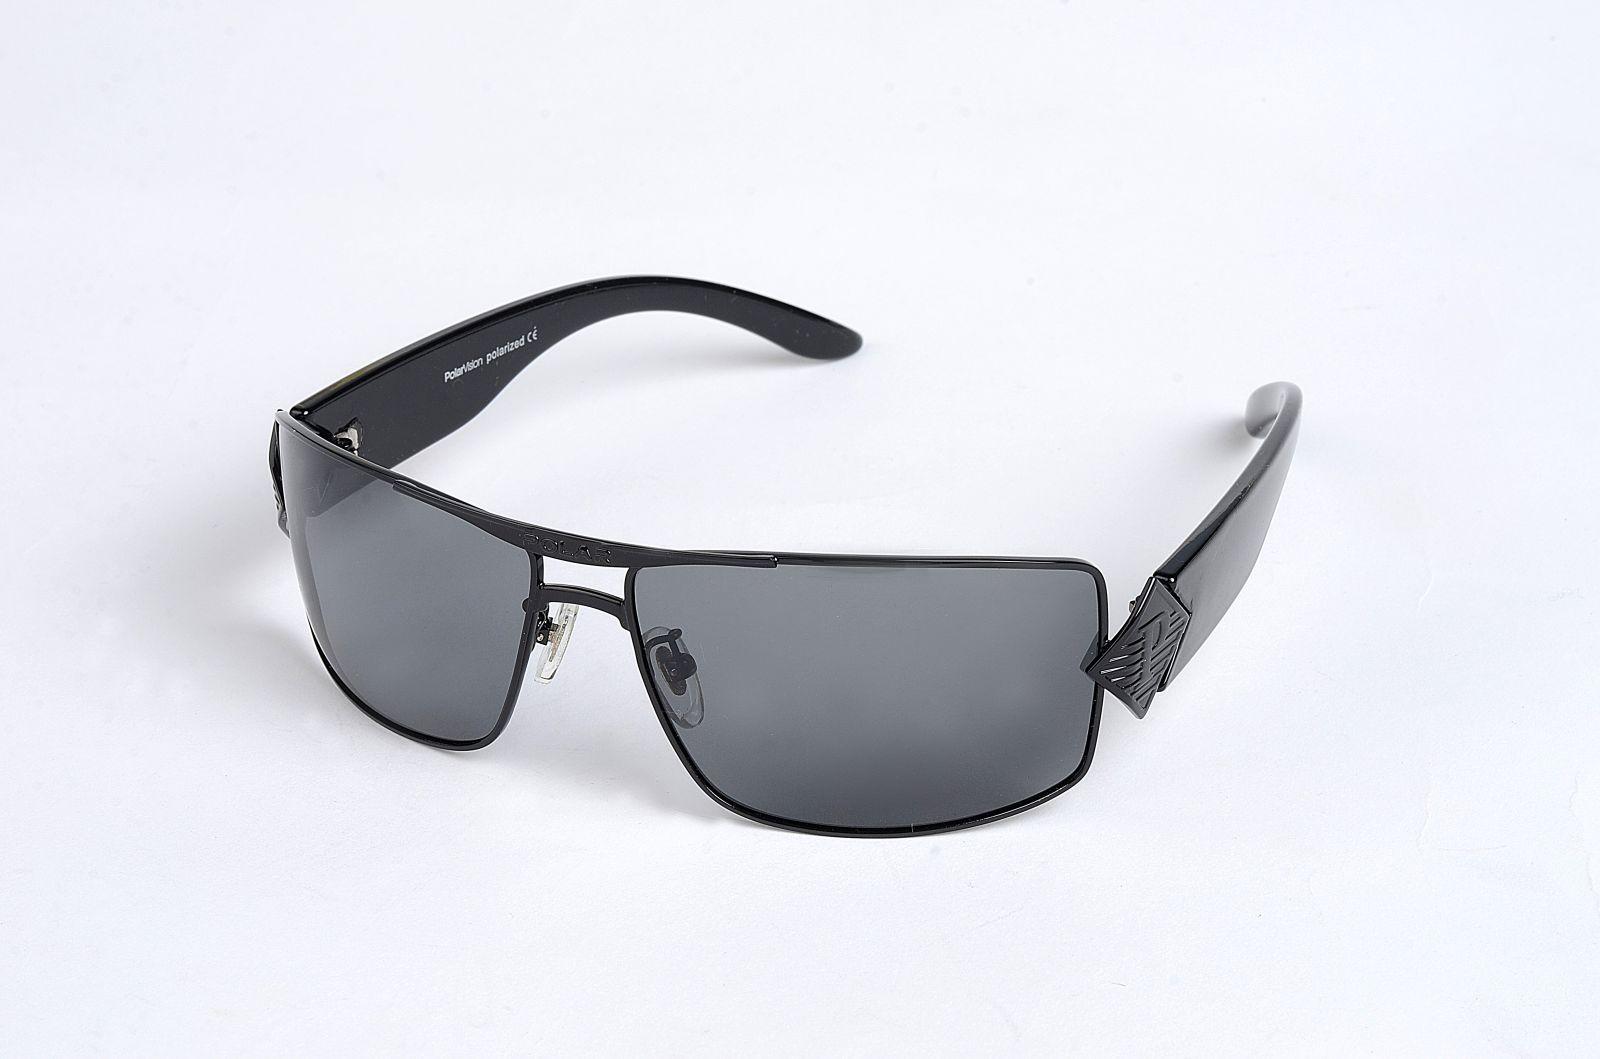 Polarizační brýle PolarVision 5216 C3 E-batoh